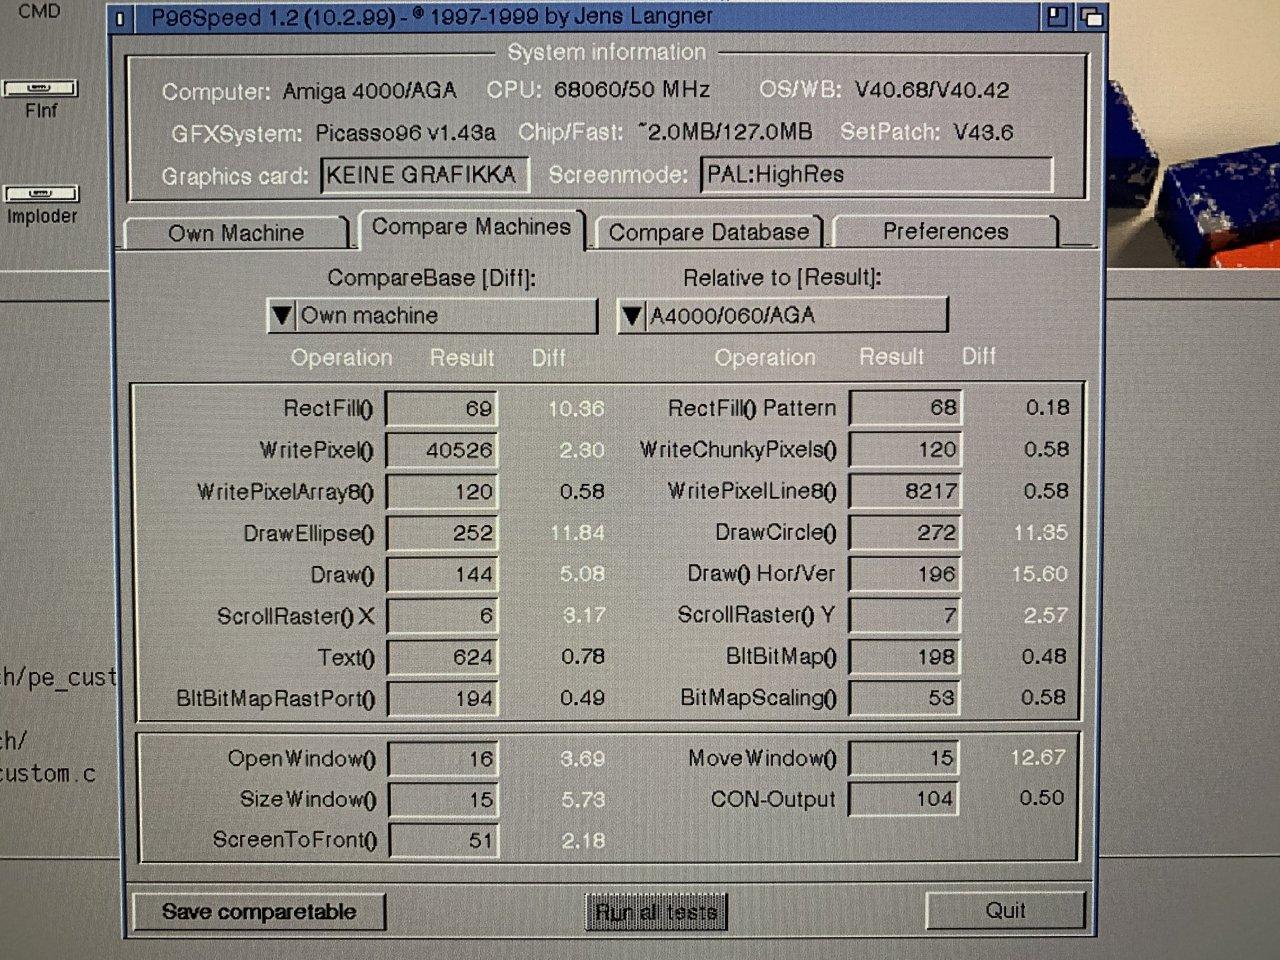 Klikněte na obrázek pro zobrazení větší verze  Název: C513B9D9-B0D9-47E7-8845-711A9CAD622E.jpeg Zobrazeno: 49 Velikost: 325,9 KB ID: 9626